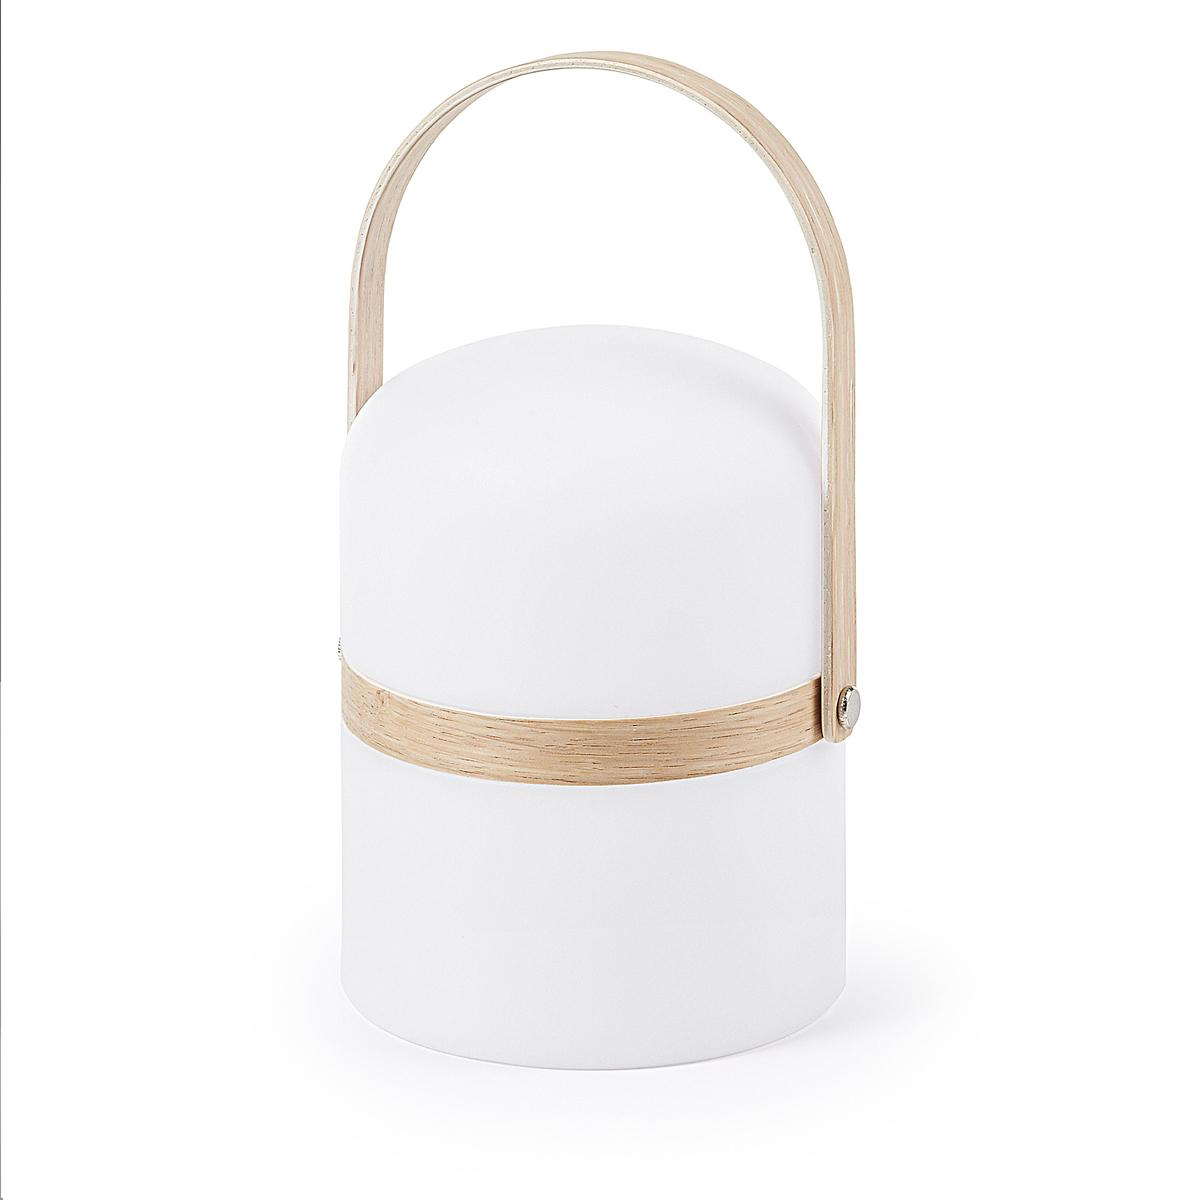 Lampe led avec anse en bois - Blanc - 26.5 x Ø 14.5 cm